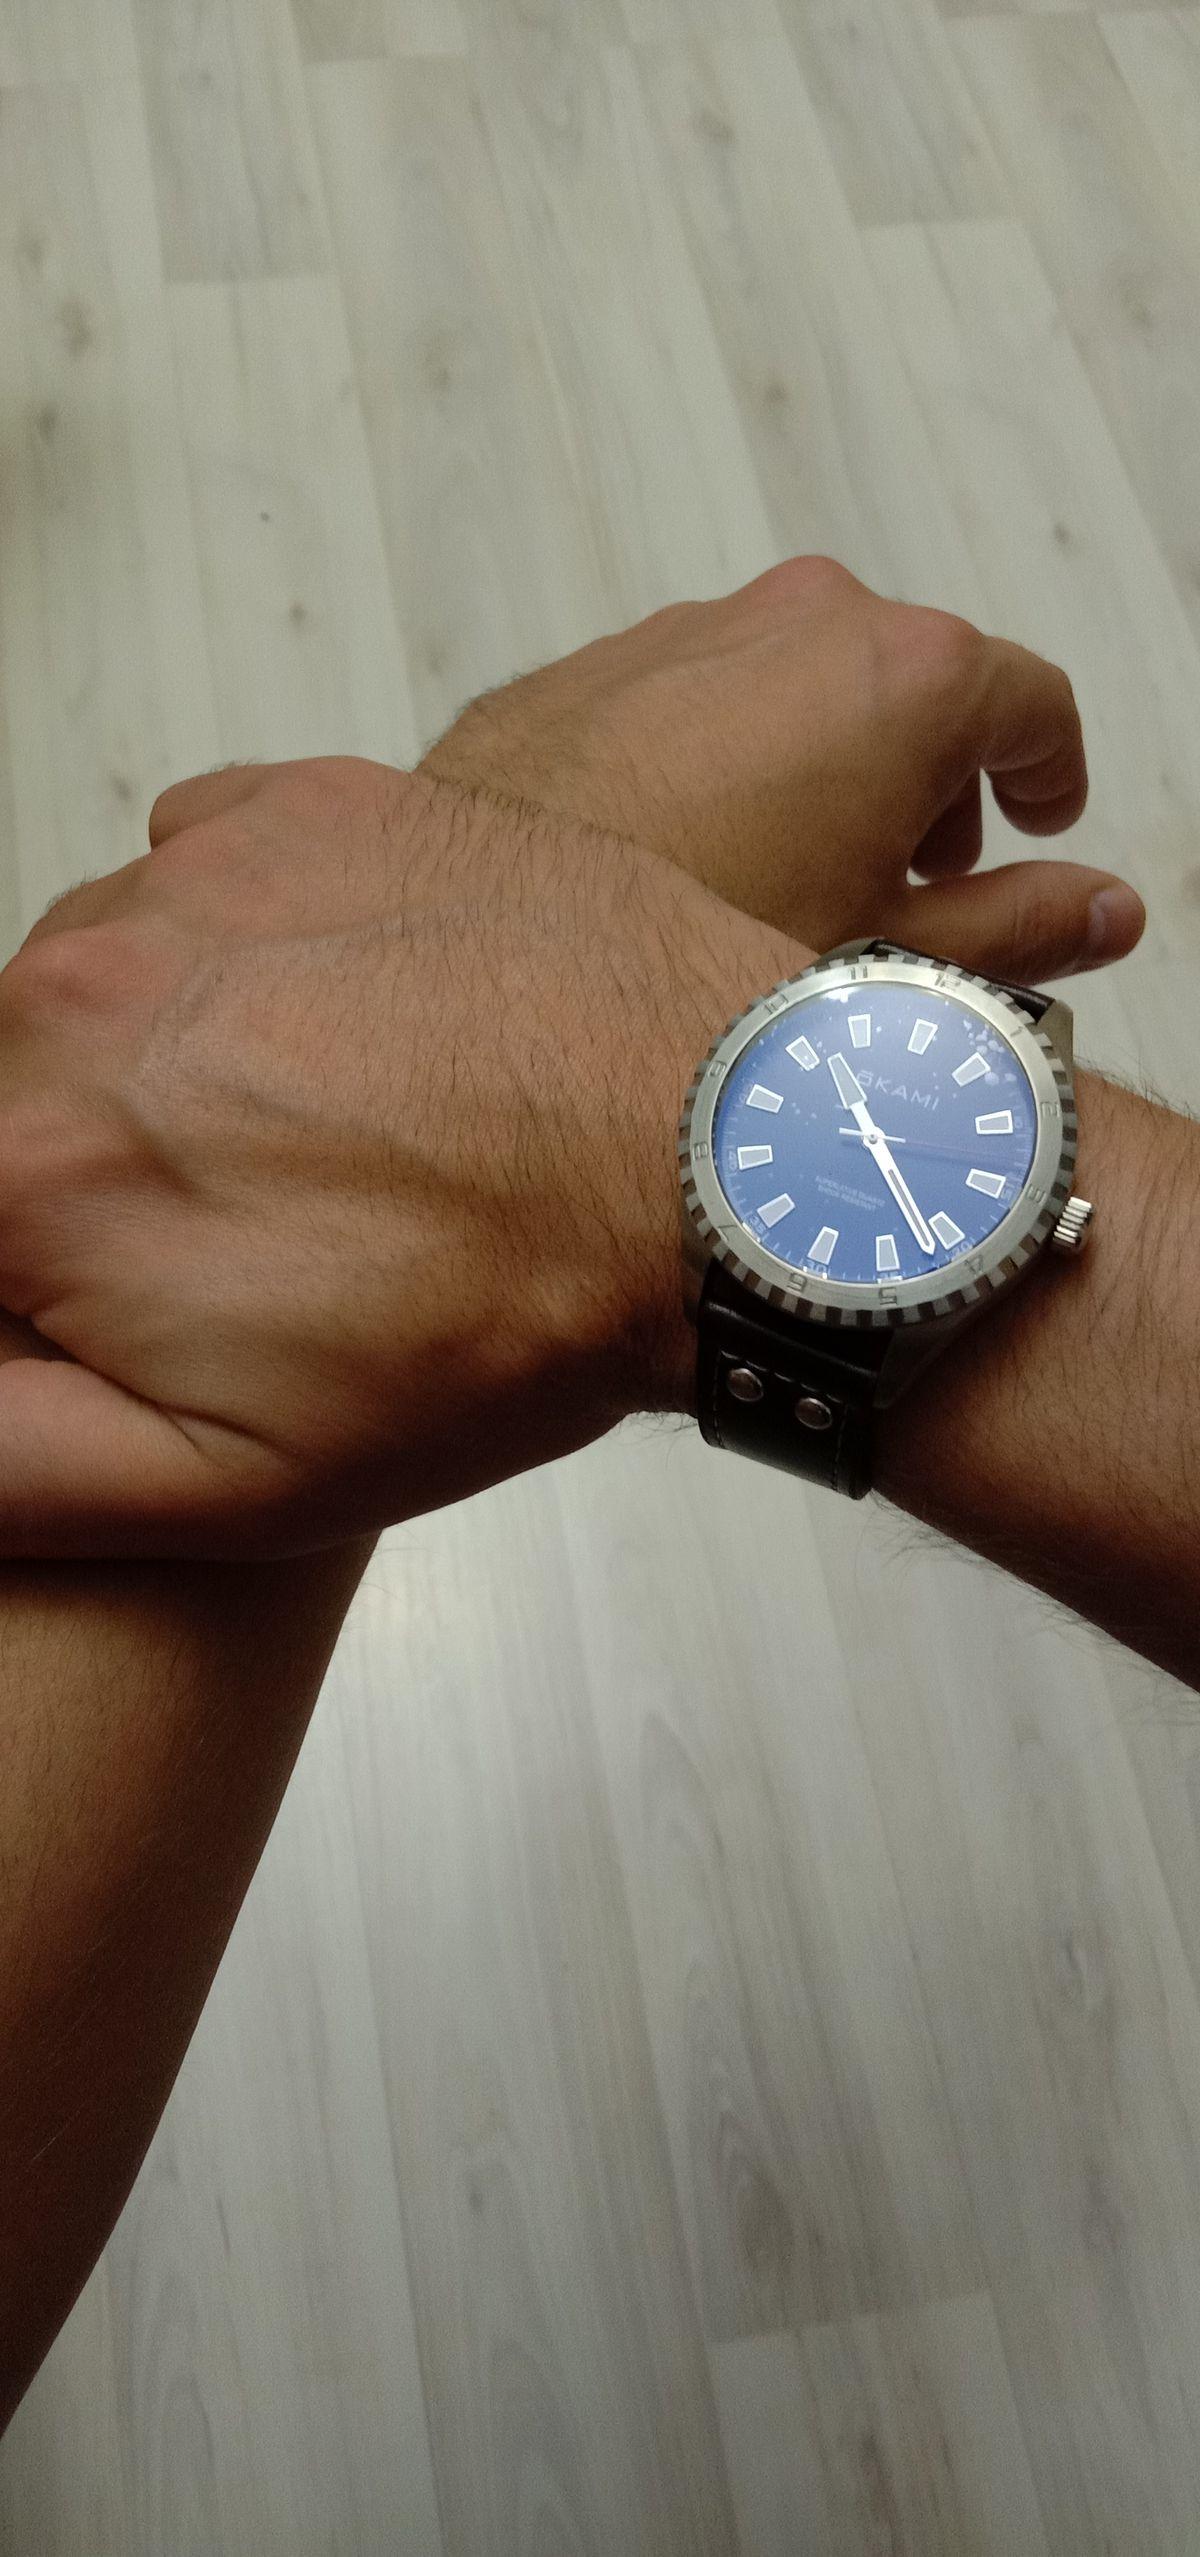 Стильные, мужские часы)))